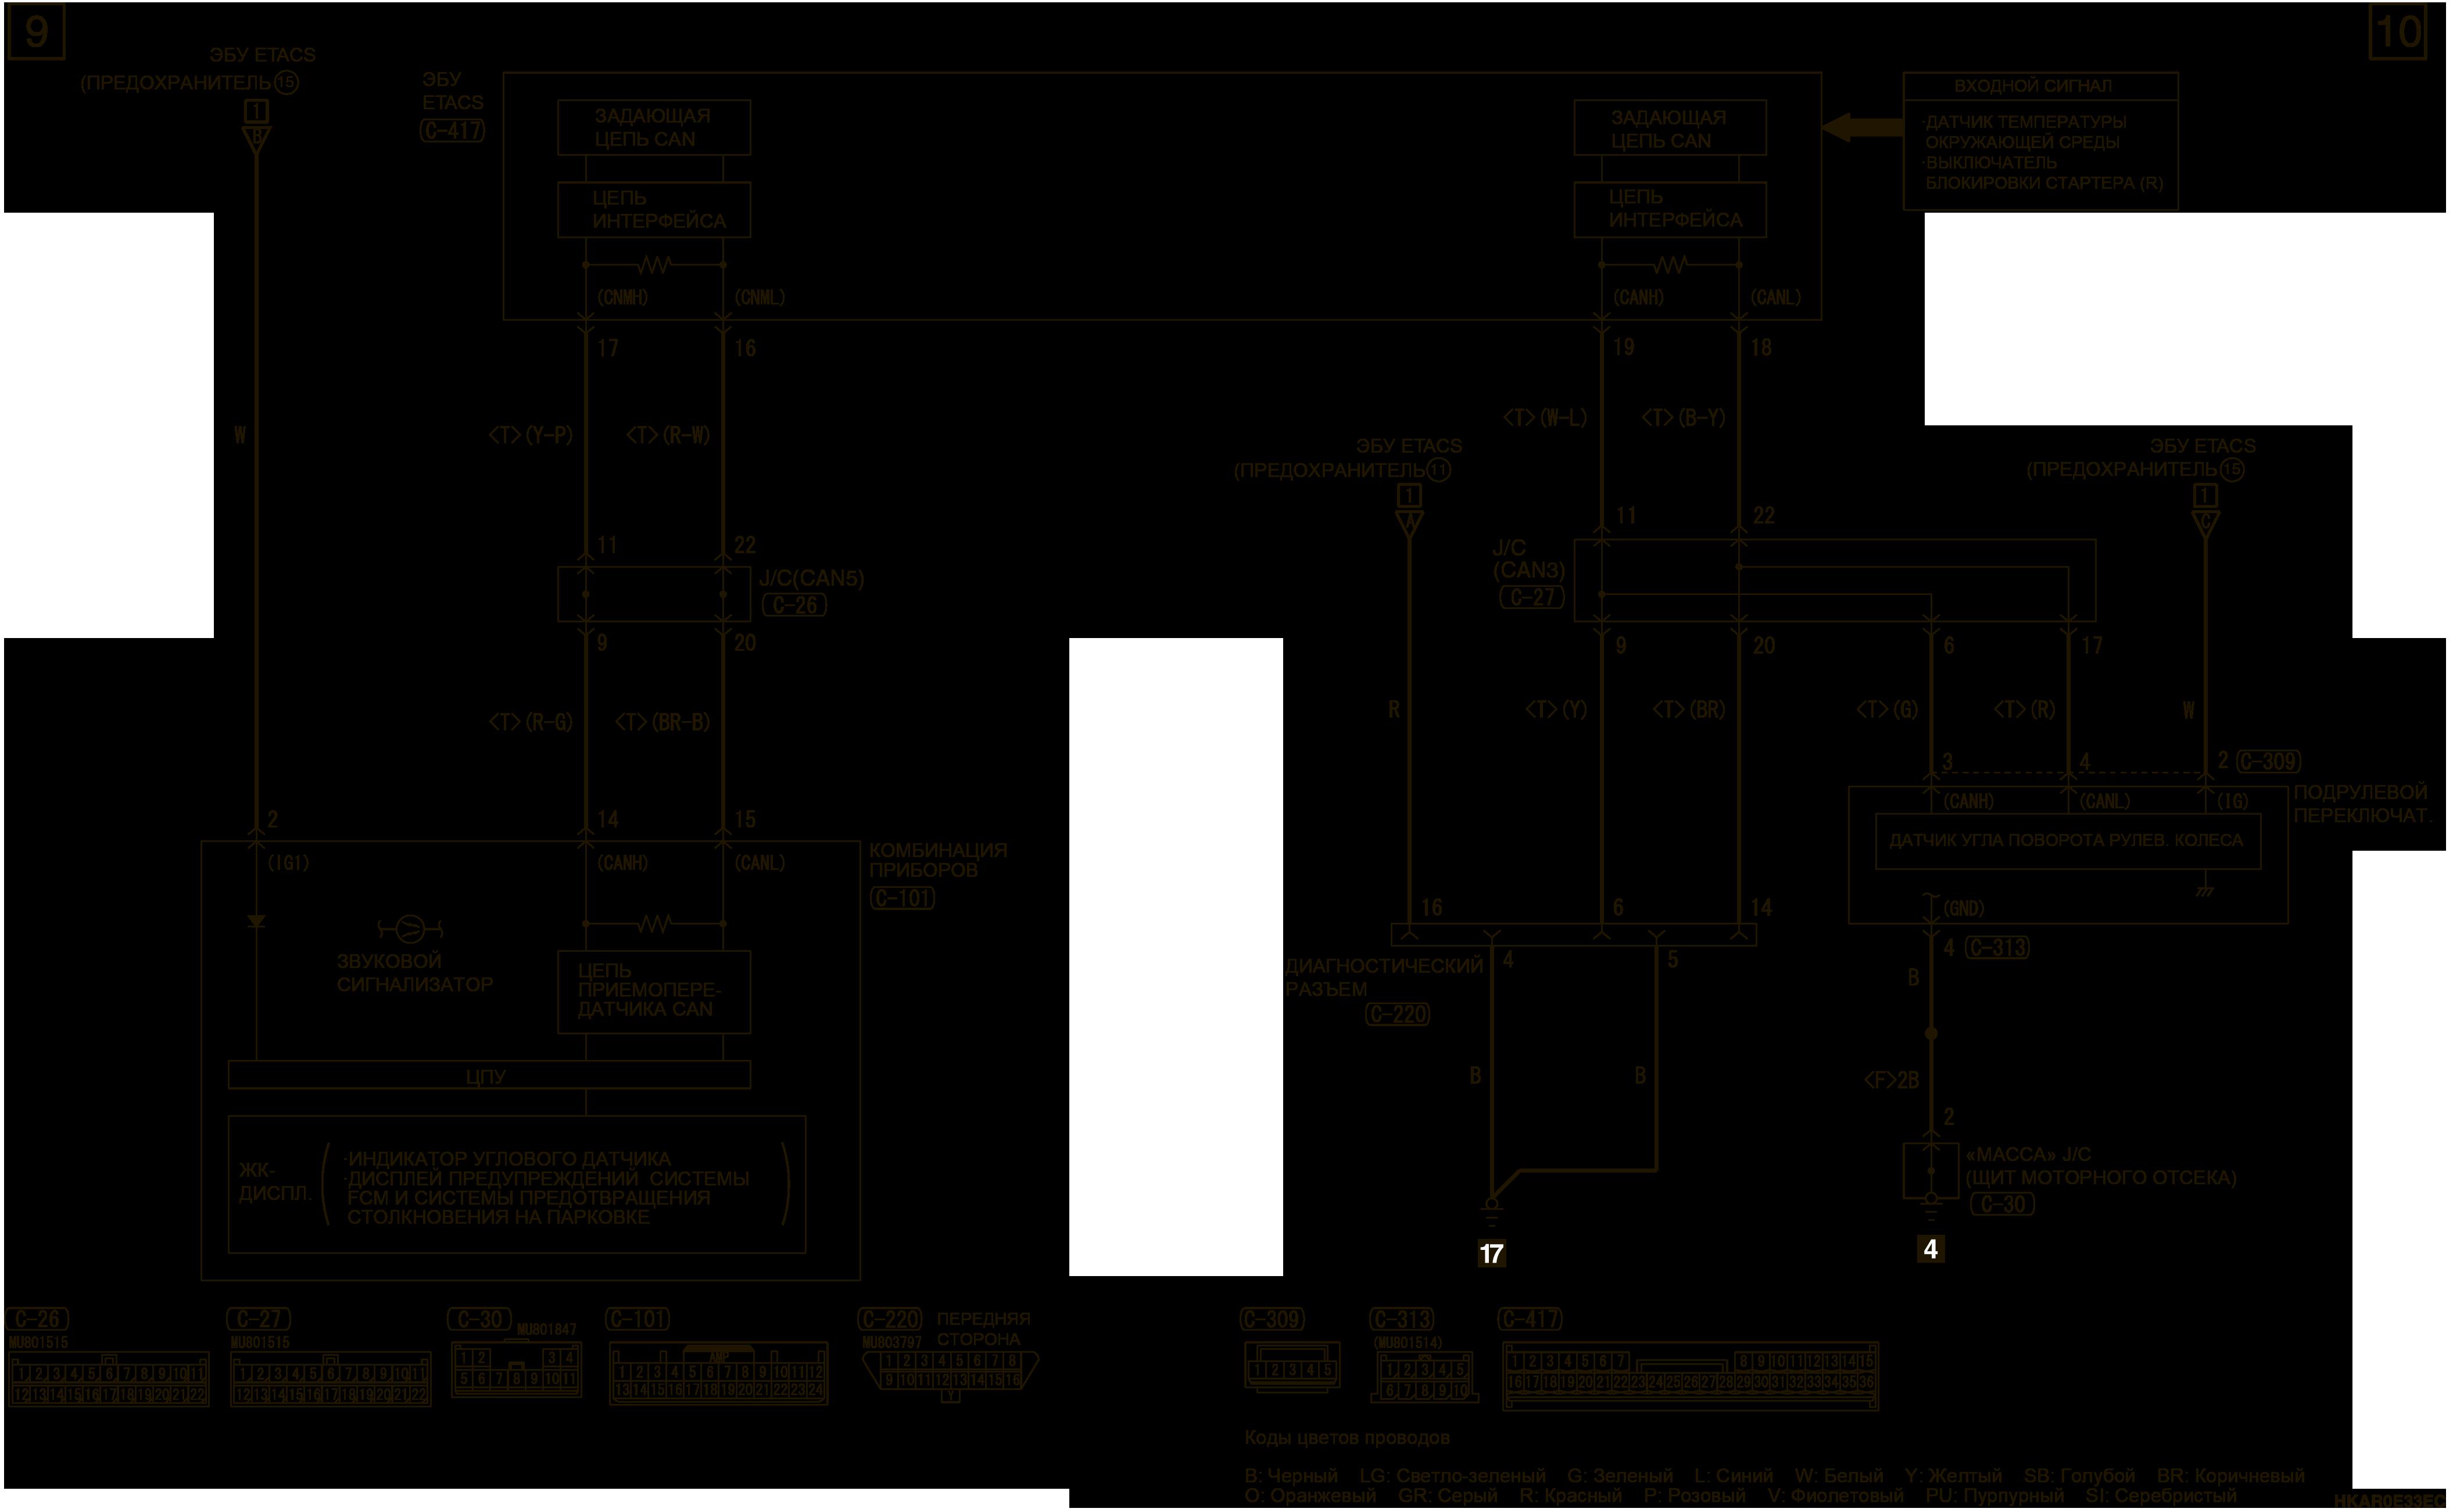 mmc аутлендер 3 2019 электросхемаСИСТЕМА ПРЕДОТВРАЩЕНИЯ СТОЛКНОВЕНИЯ НА ПАРКОВКЕ И УГЛОВЫЕ ДАТЧИКИ ЛЕВОСТОРОННЕЕ УПРАВЛЕНИЕ